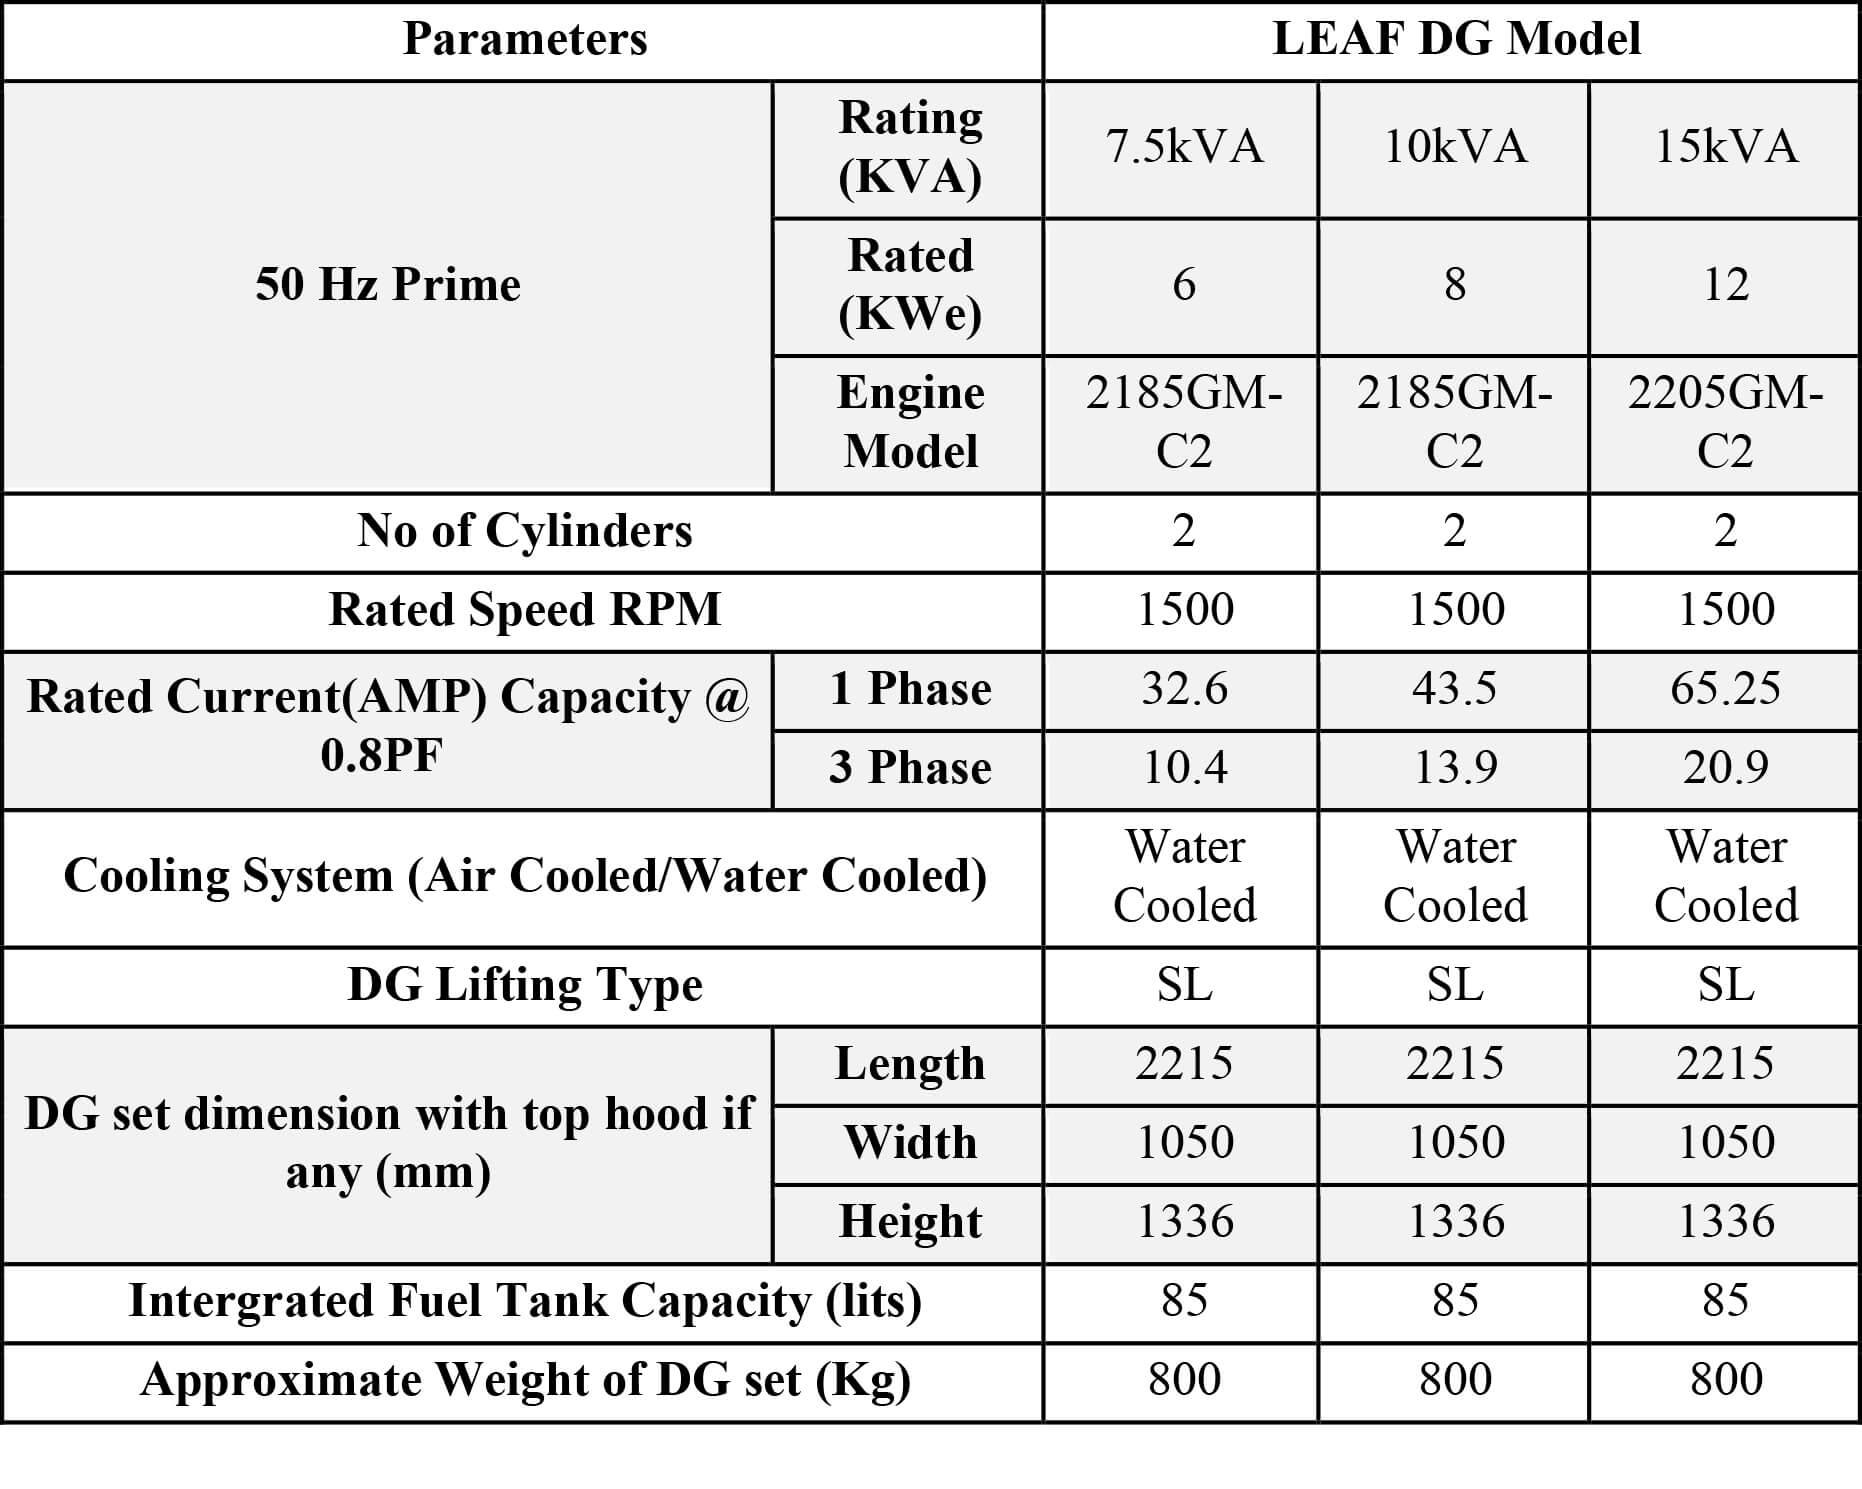 7.5 kVA - 15 kVA Leaf DG